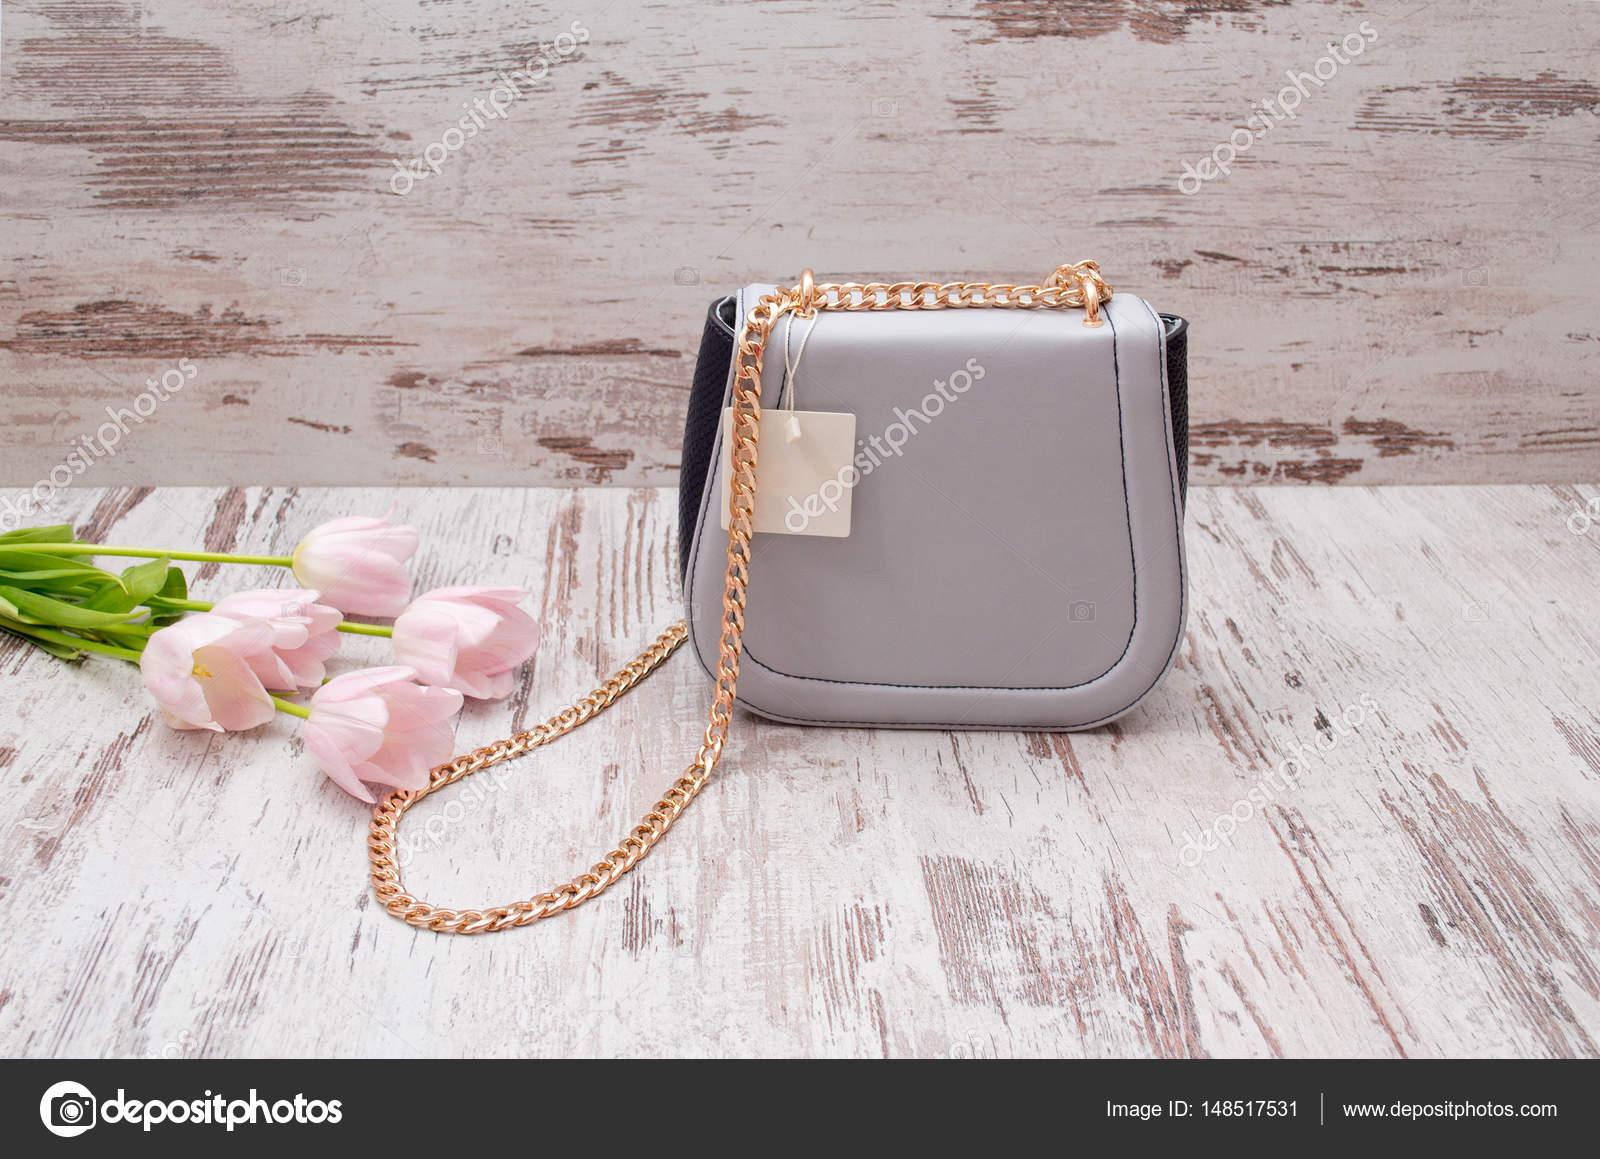 fdb725e3cb Μικρό γκρι τσάντα με έναs τιμή tag σε ένα ξύλινο πλαίσιο